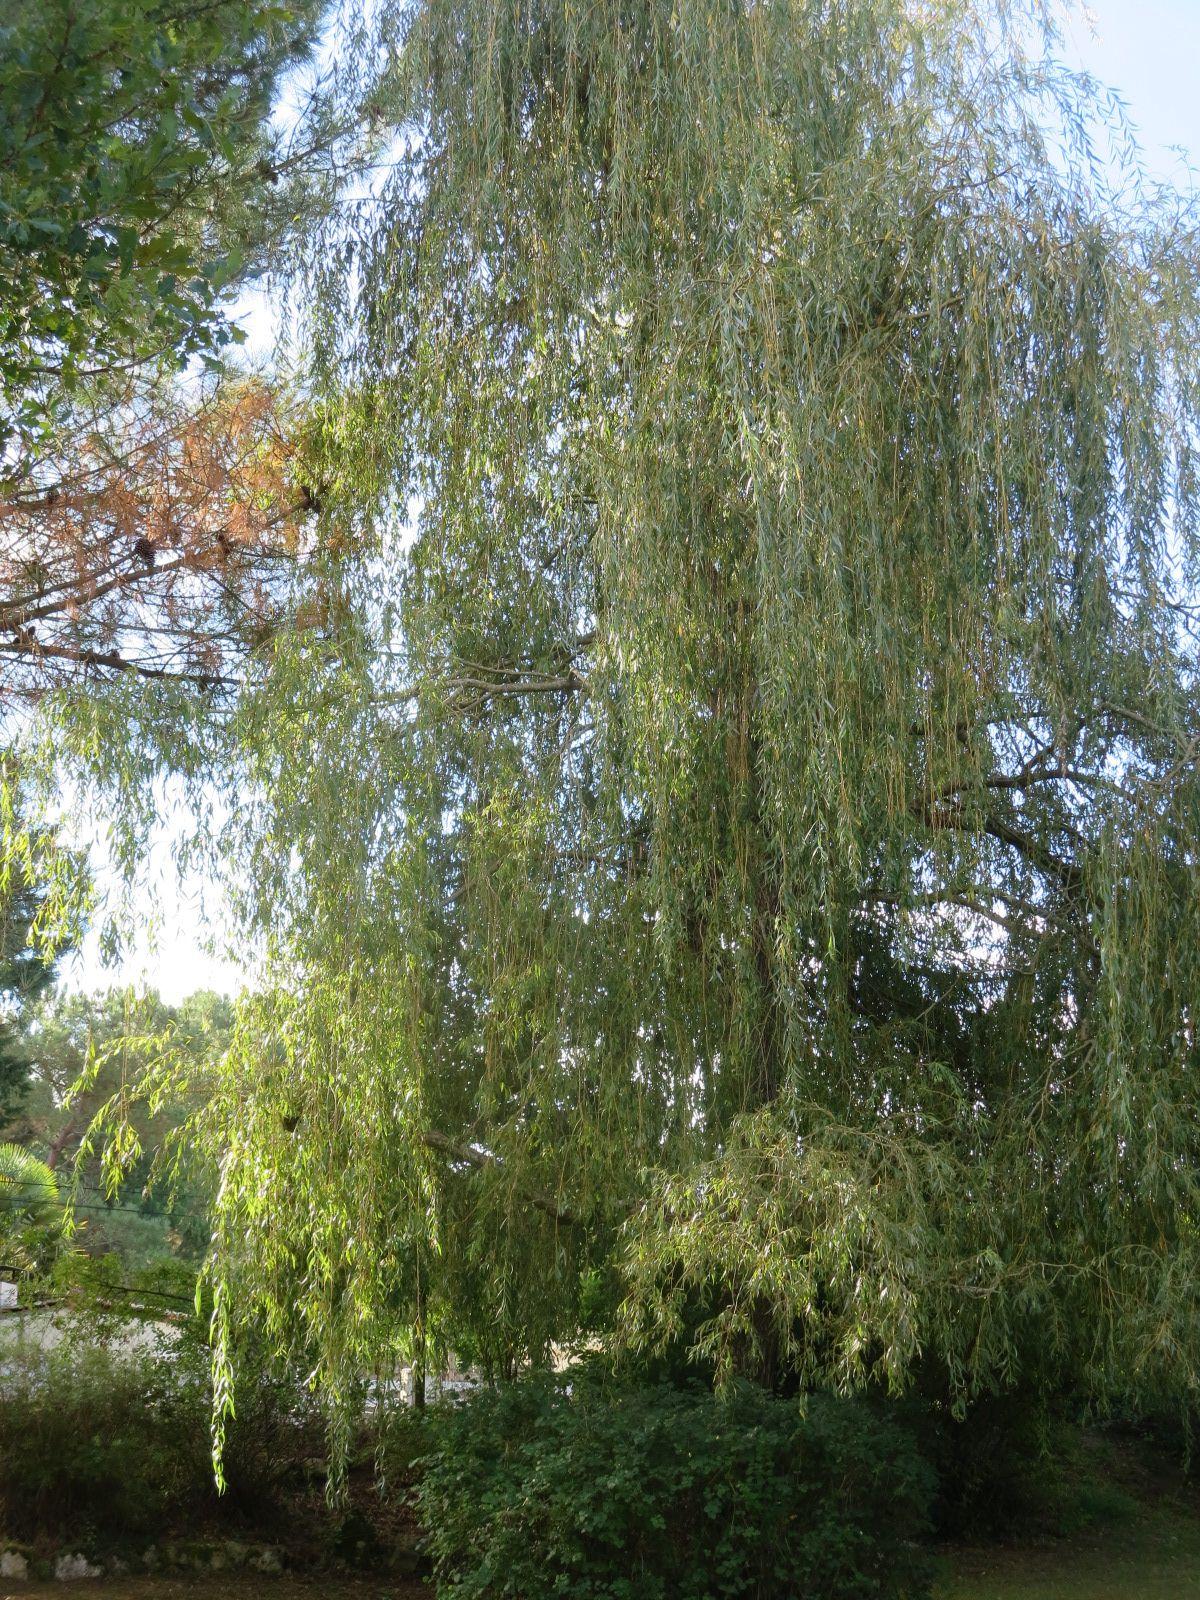 La dominance de ce jardin, ce sont les arbres... j'ai beaucoup planté quand j'ai créé ce endroit, sans trop savoir ce qu'il donnerait dans vingt ou trente ans........ je suis assez satisfaite du résultat... beaucoup me disent: tu as trop d'arbres! oui, peut-être ... mais je les aime tous et quand on aime......... Hahaha !